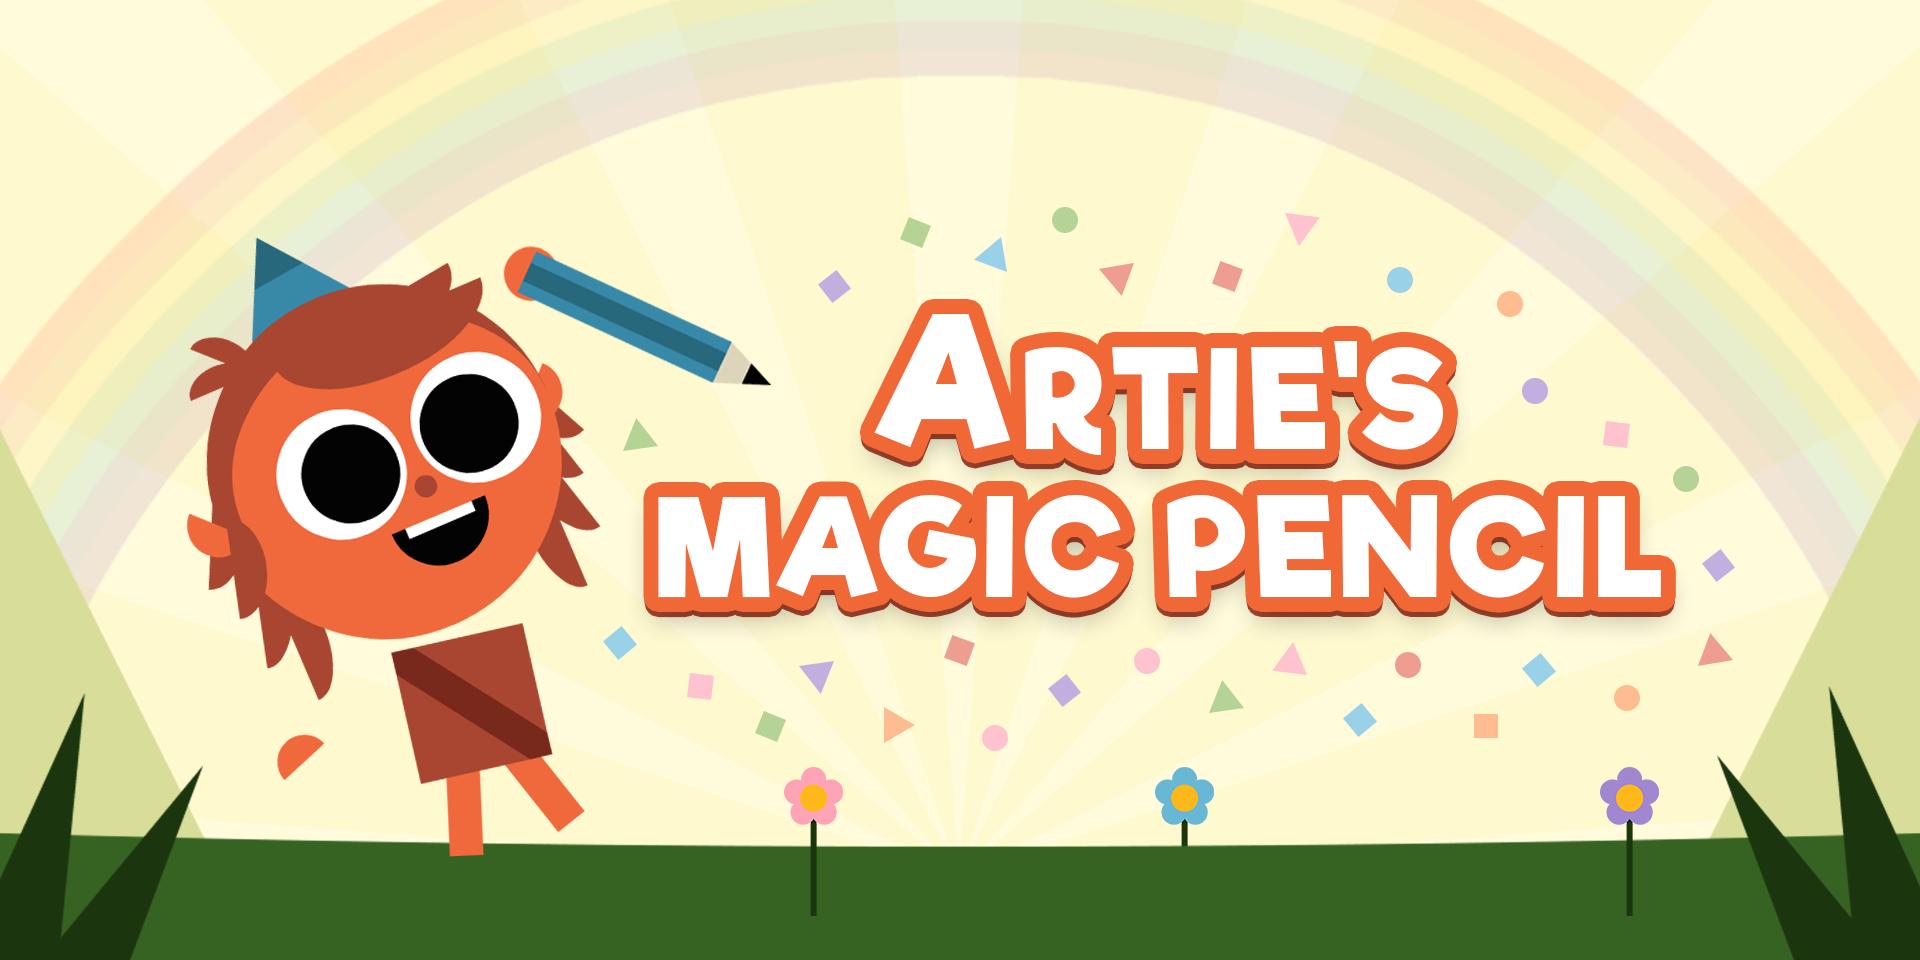 arties-magic-pencil-app-of-the-week-01